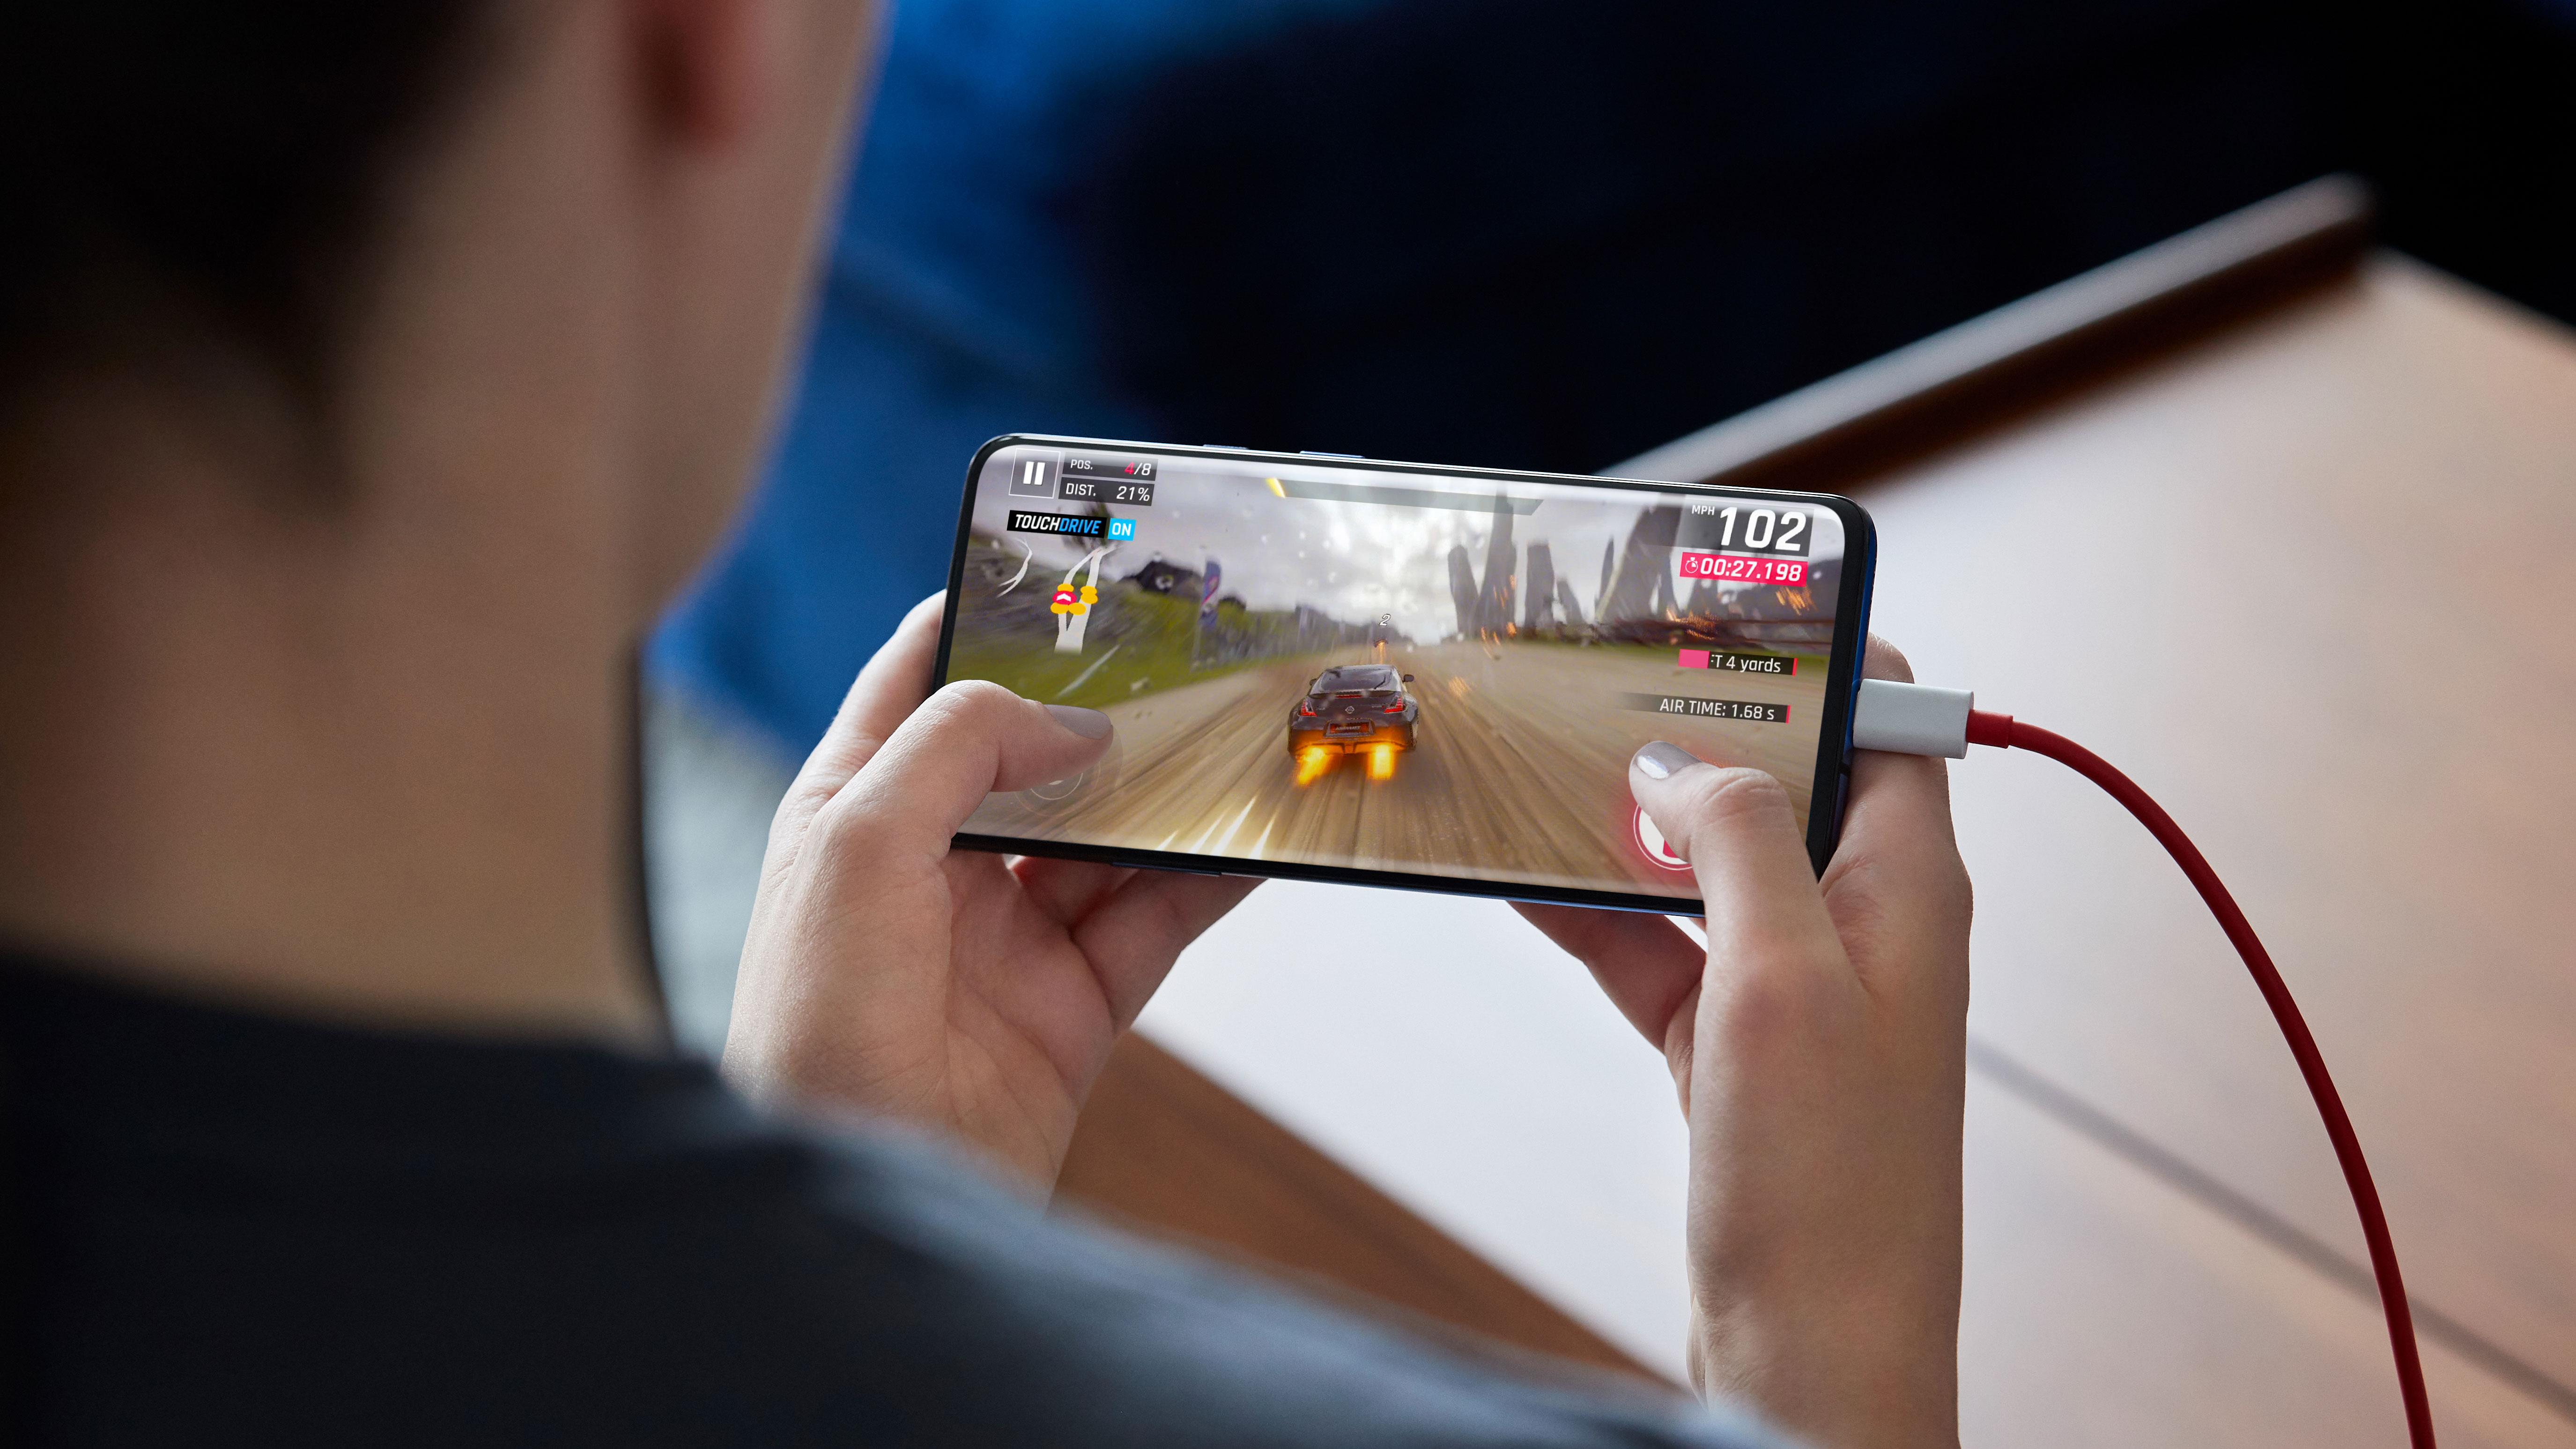 OnePlus OnePlus 6T: old new iMPvJCLZAvxviwZi3HCh